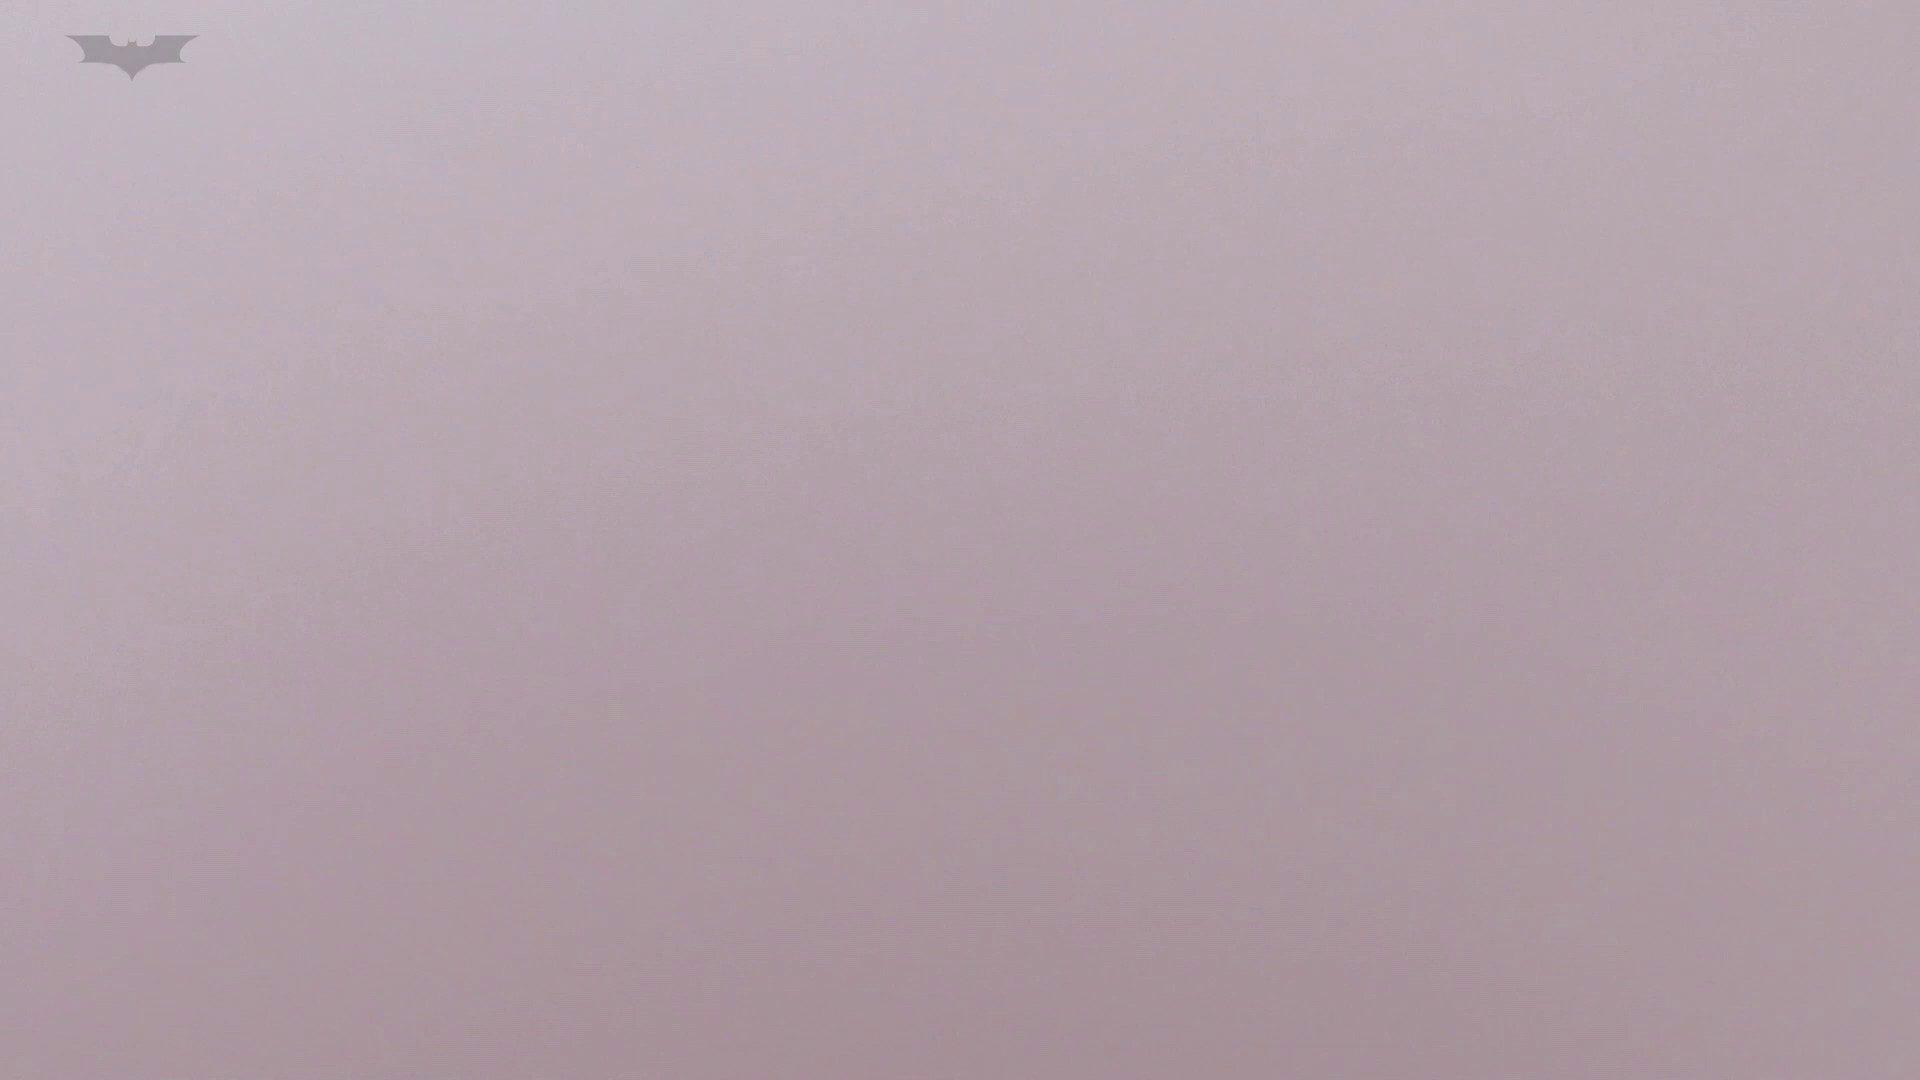 お銀 vol.79 化粧室では、高確率で素の女性がみられます!! 洗面所 盗撮戯れ無修正画像 35pic 2